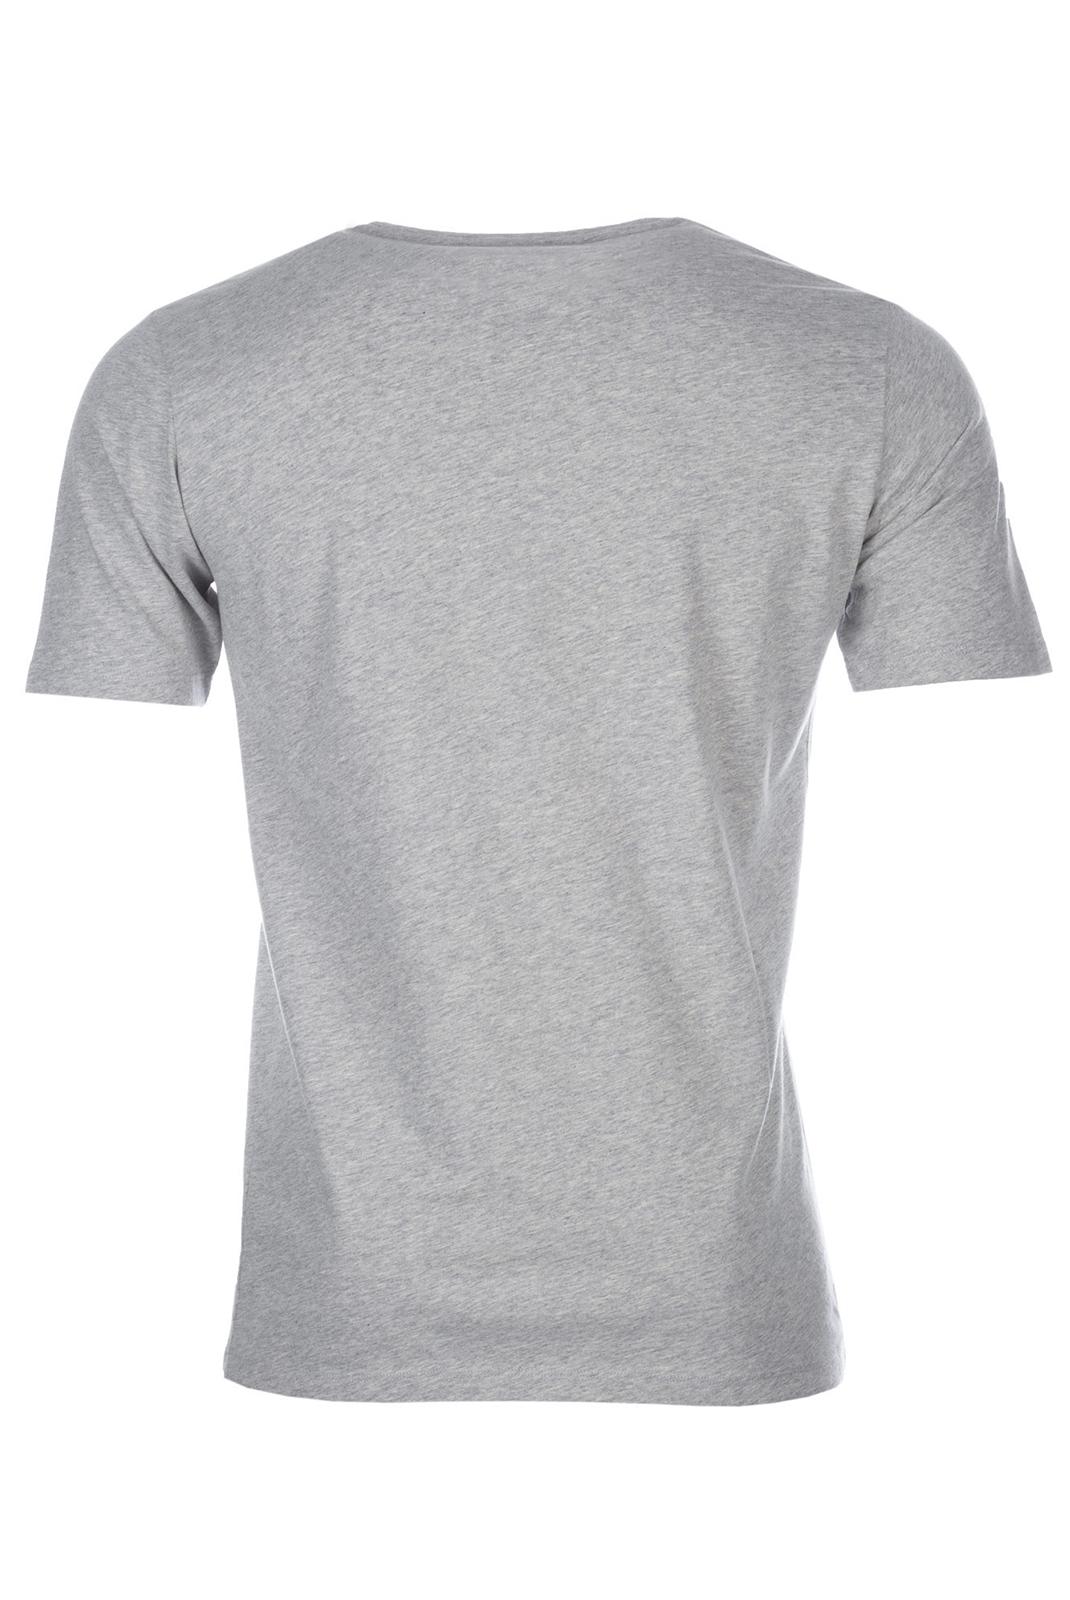 Tee-shirts  Diesel OOAJRB WEBMARWA 912 GRIS